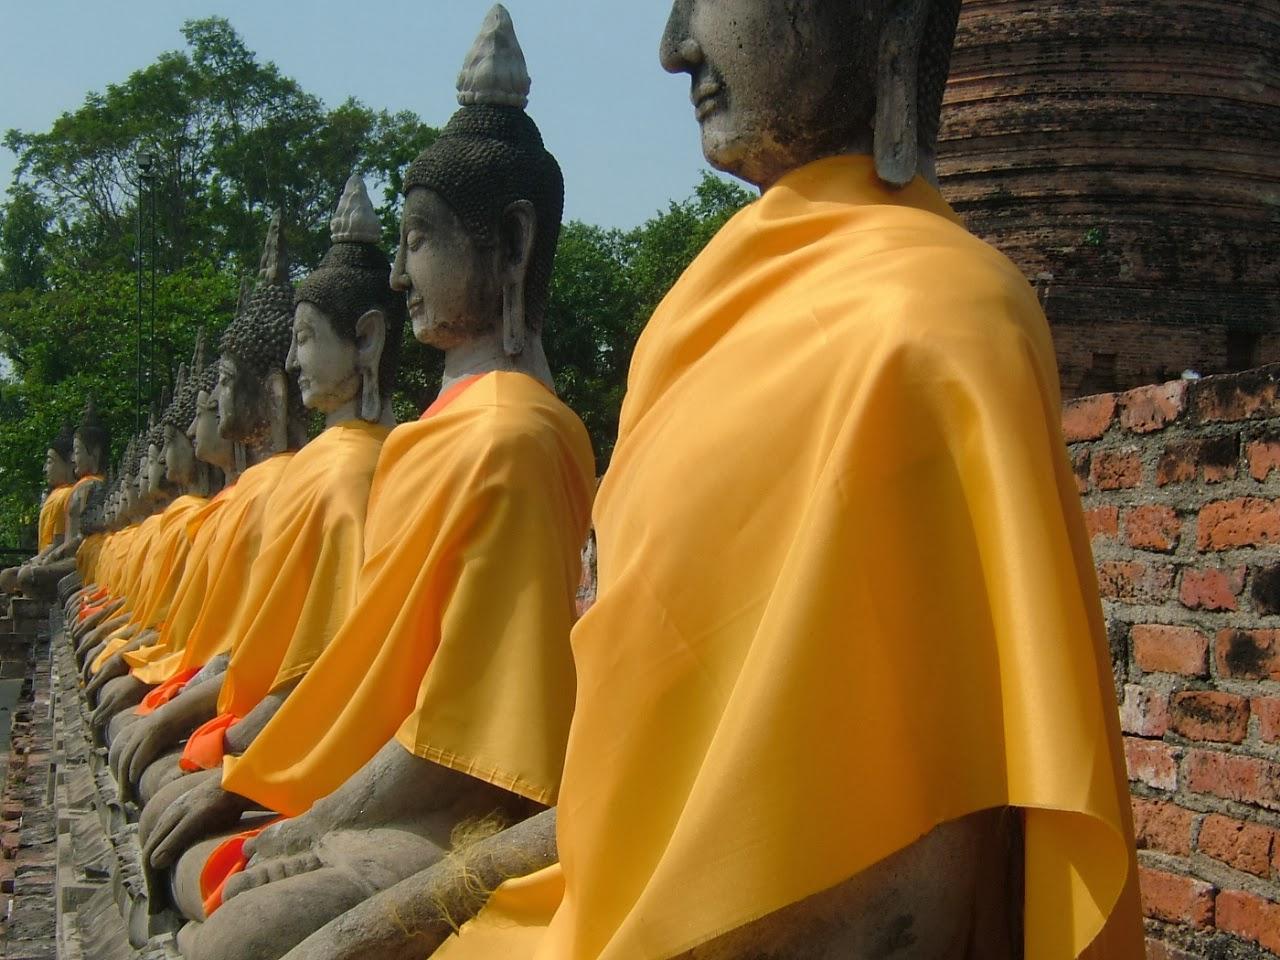 Stone statues of Buddha